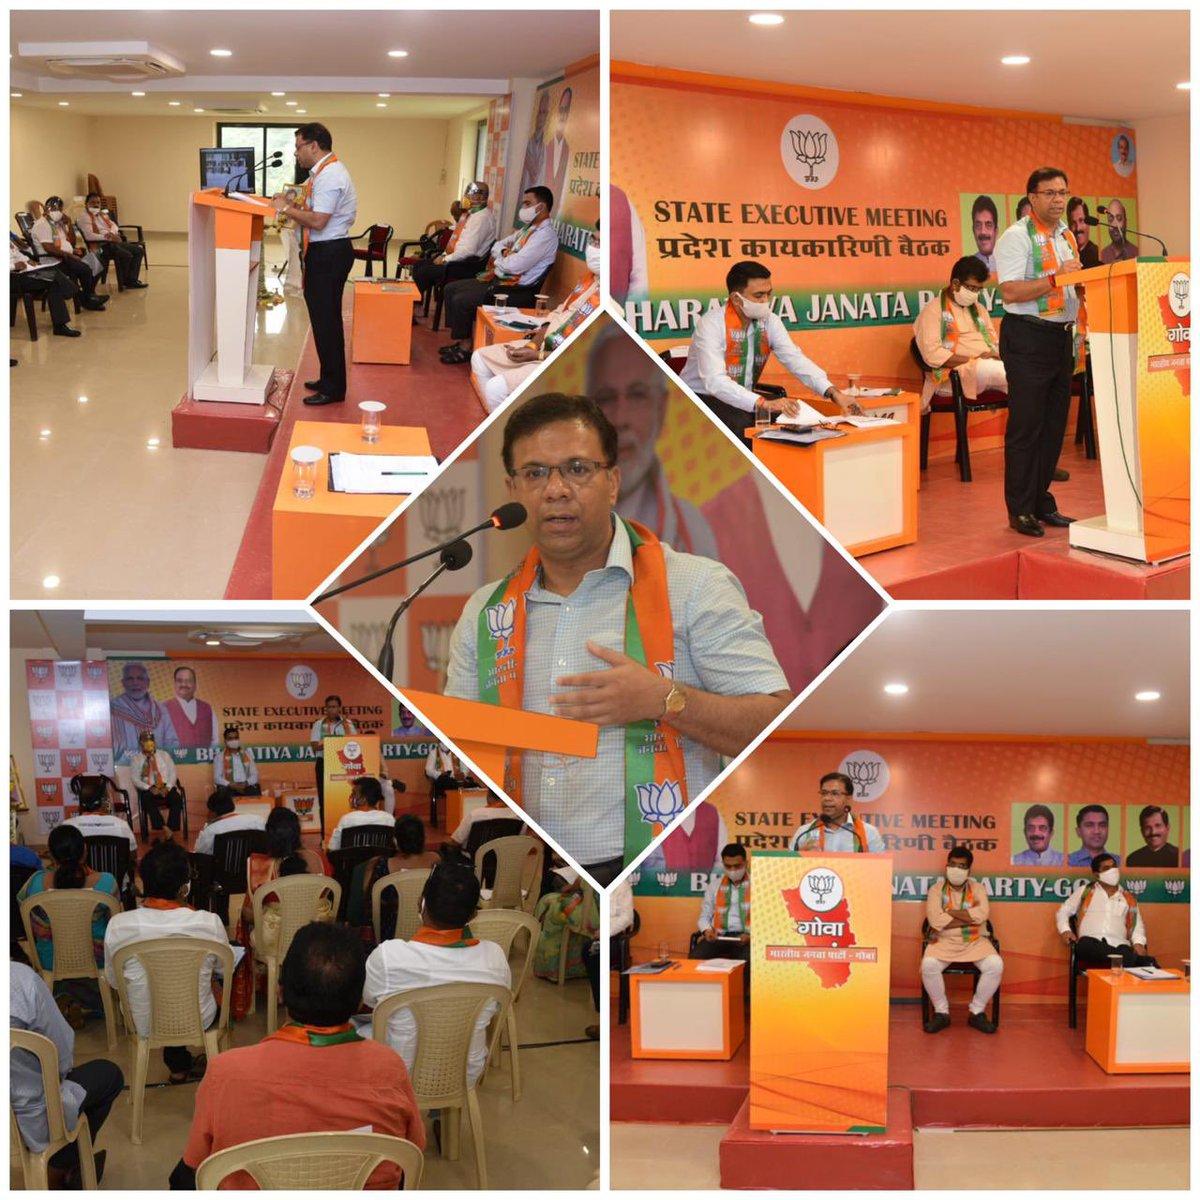 Addressed the State Executives of BJP Goa in the presence of BJP State President Shri @ShetSadanand, Hon'ble Chief Minister @DrPramodPSawant, Hon'ble Deputy Chief Ministers Shri @BabuKavlekar & Shri @BabuAjgaonkar & other executives of the state. https://t.co/USMm4OtDn0